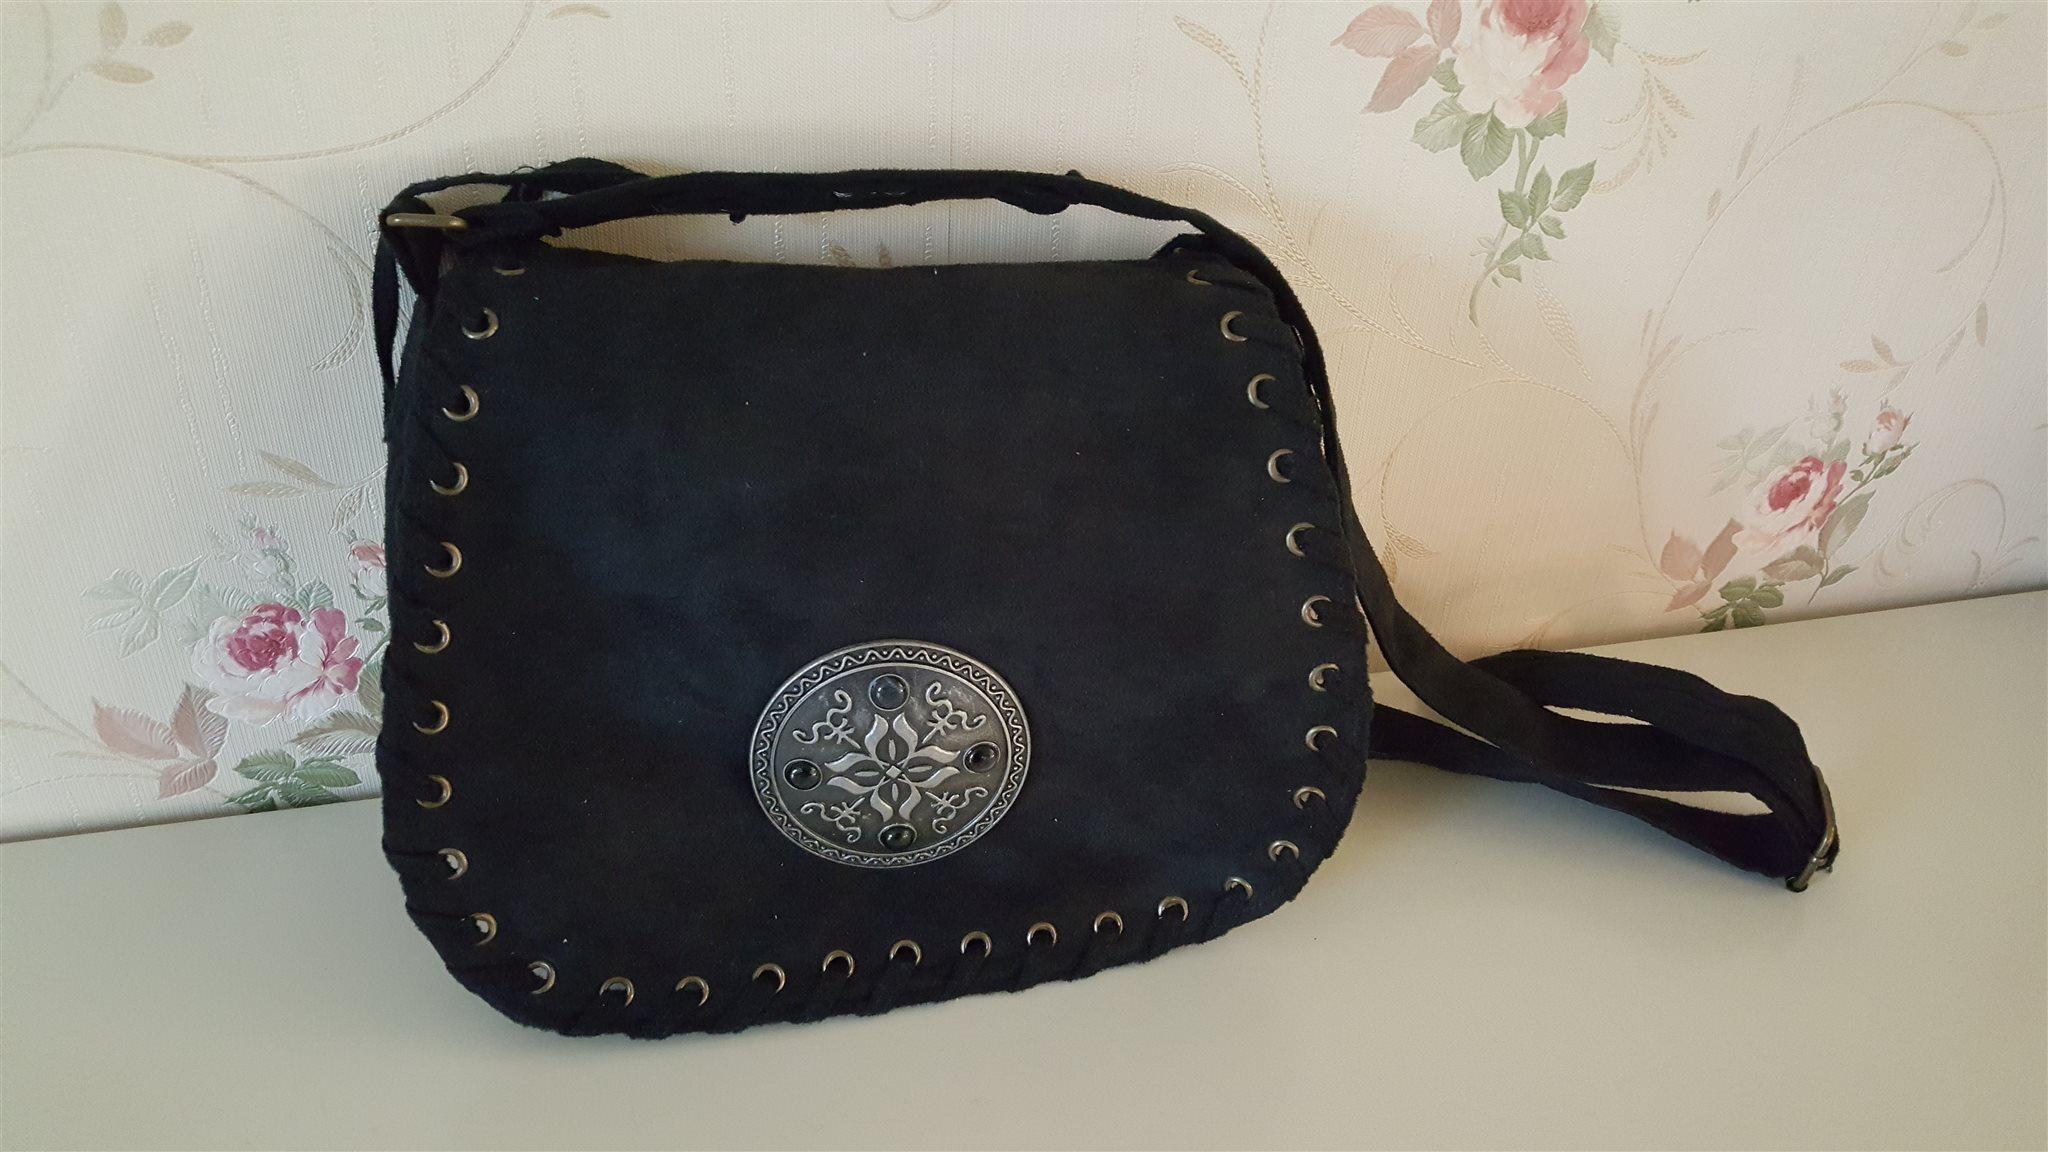 Snygg svart sommarväska med snygga detaljer. (315184656) ᐈ Köp på ... f4439557670c4